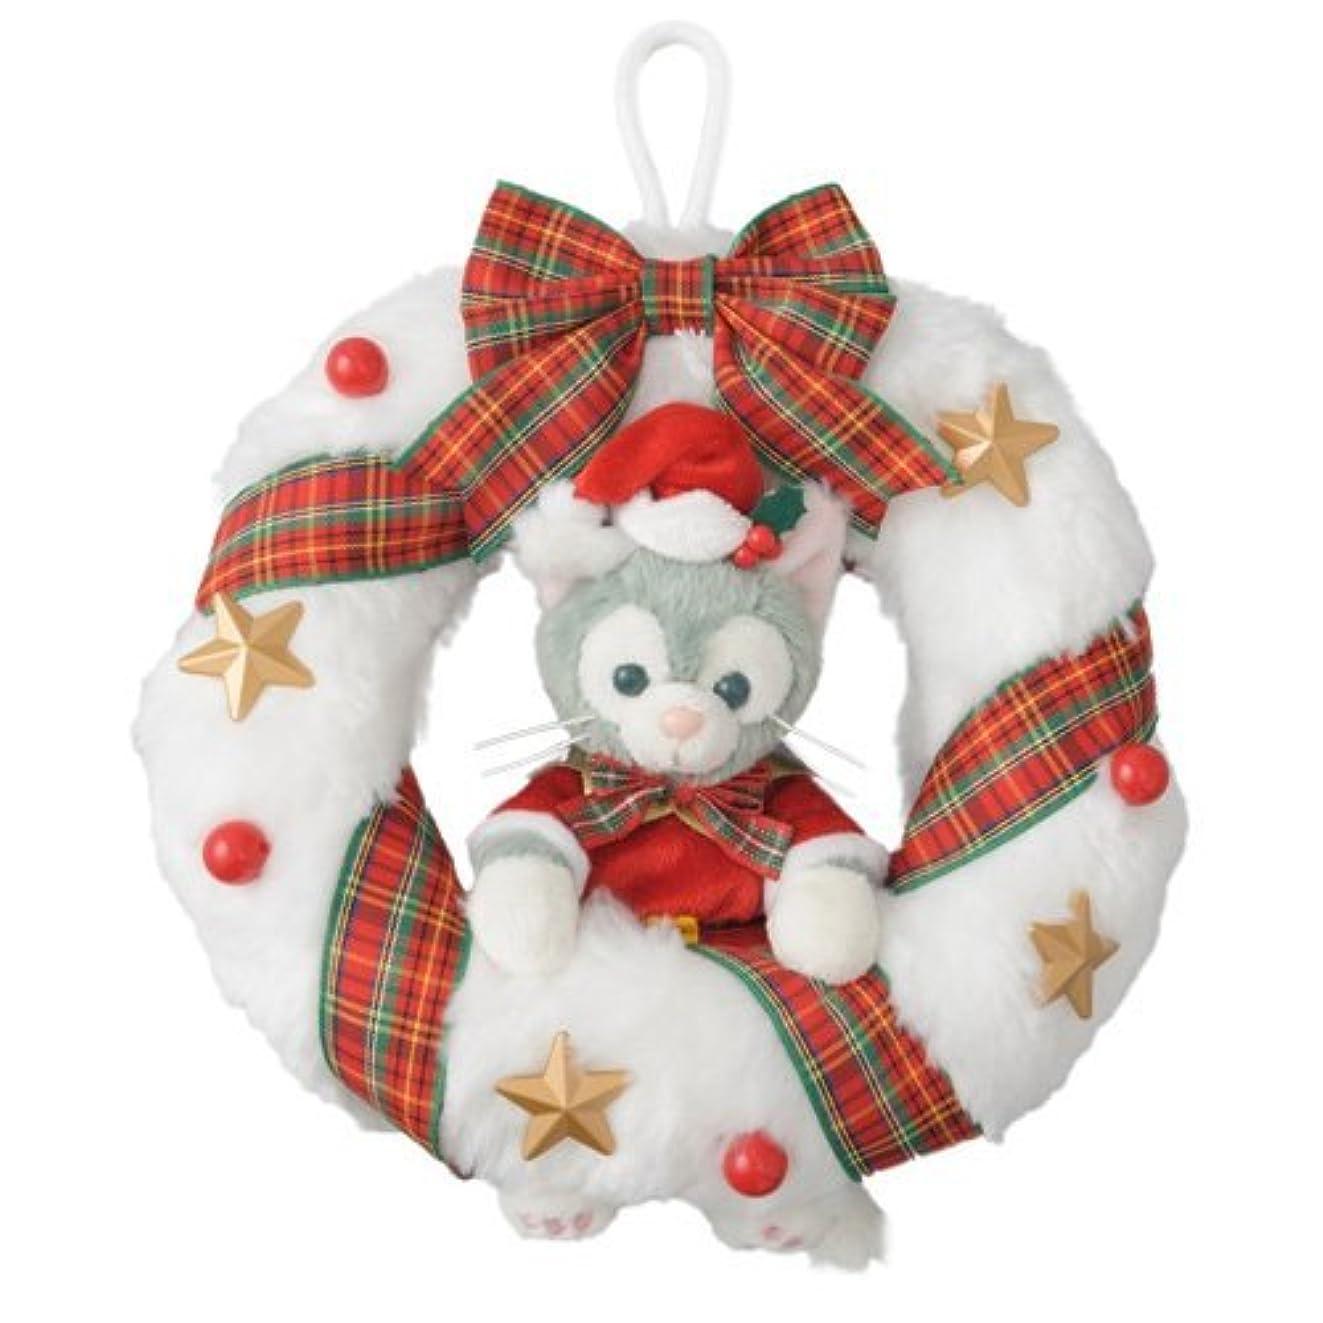 蓄積するゲージ思い出すジェラトーニ クリスマスリース ダッフィーのクリスマス2016 【東京ディズニーシー限定】 X'mas Duffy